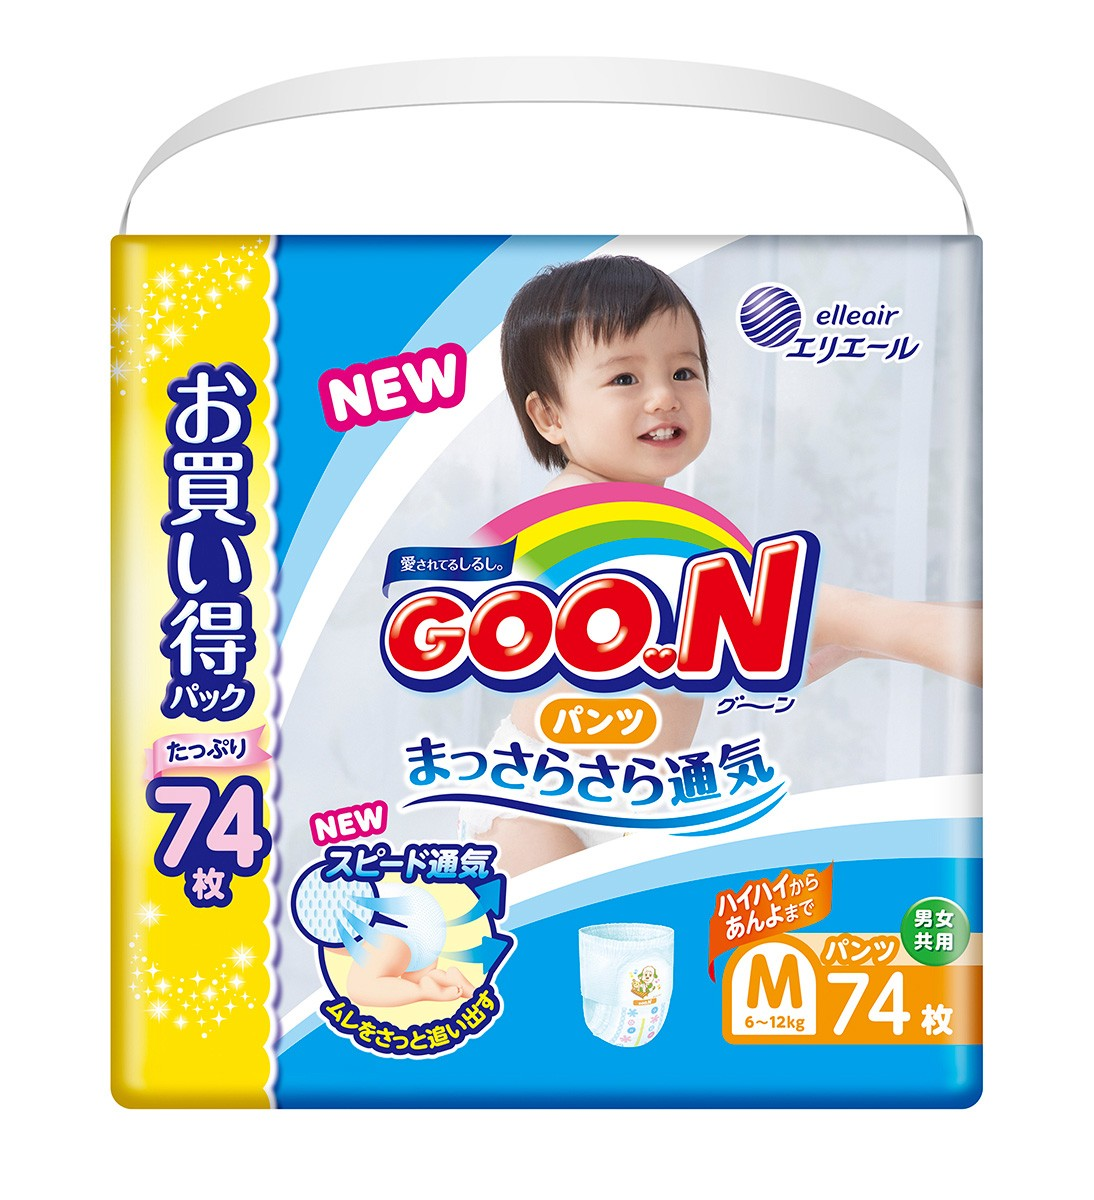 Купить Подгузники-трусики Goon Jumbo Pack M (6-12кг), 74 шт, Goo.n, Япония